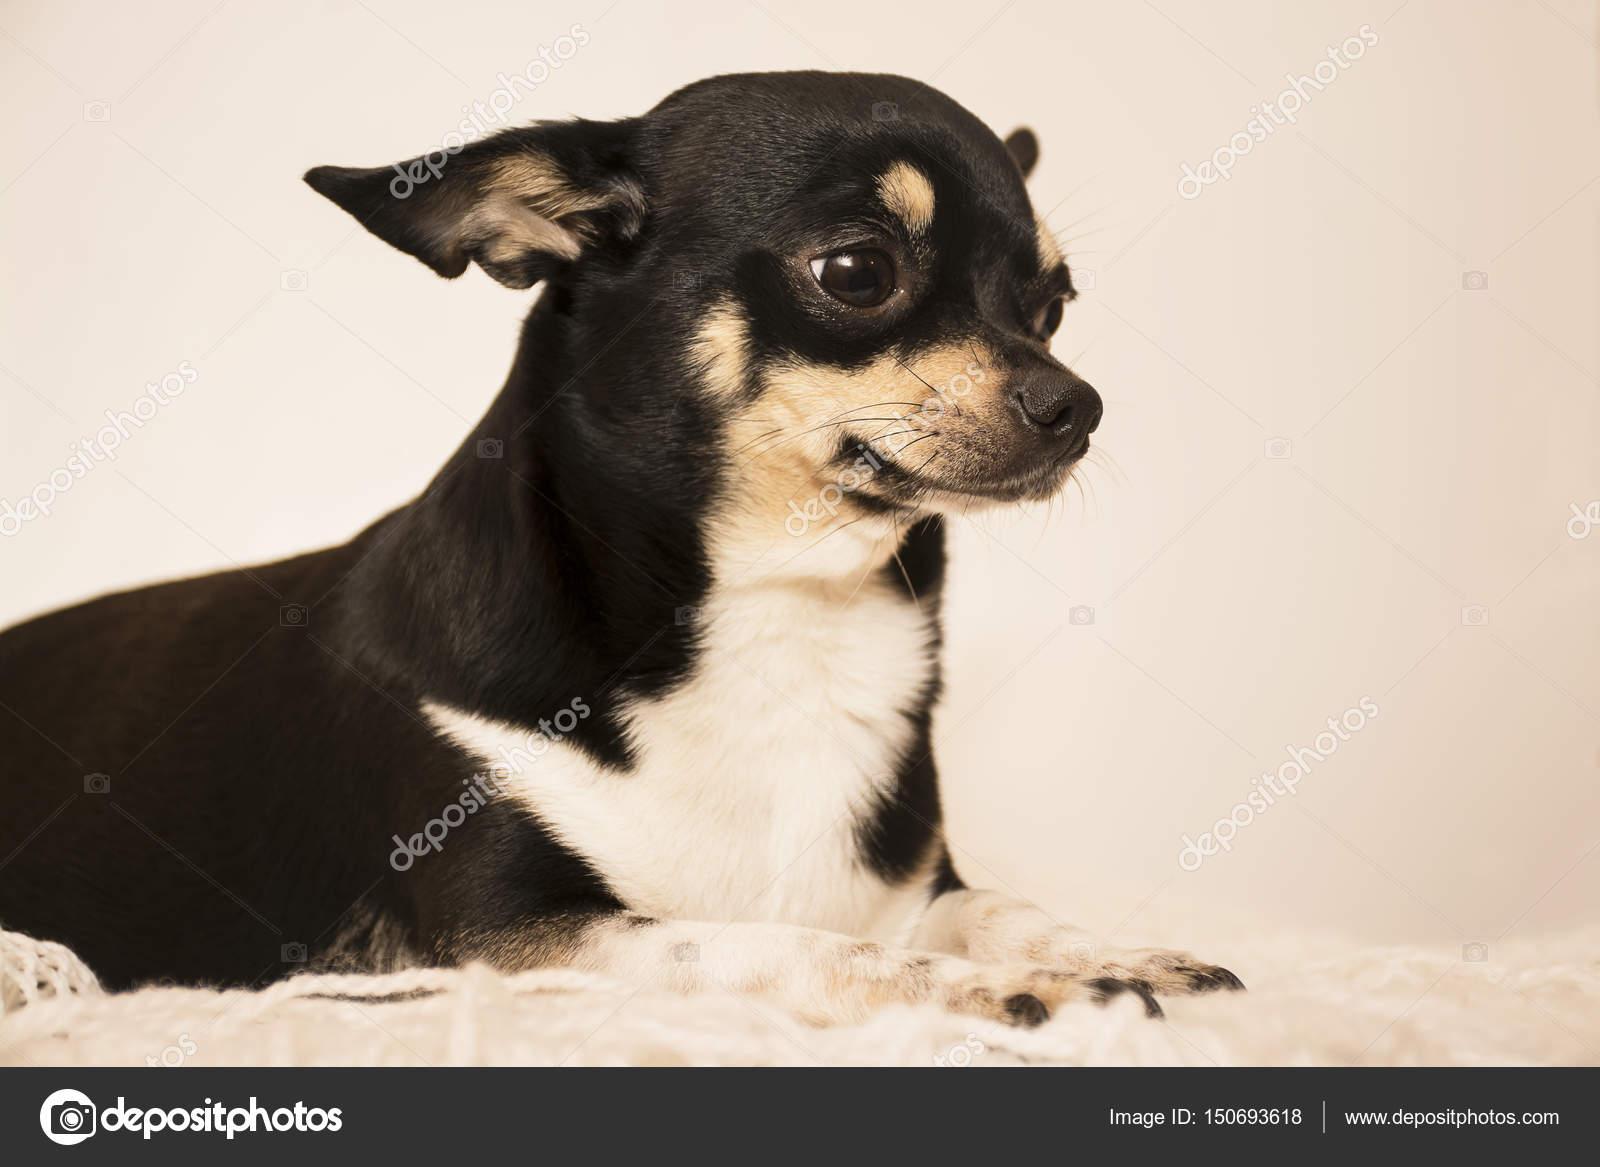 Fotos Perros Raza Chihuahua Chihuahua De Raza De Perro Foto De